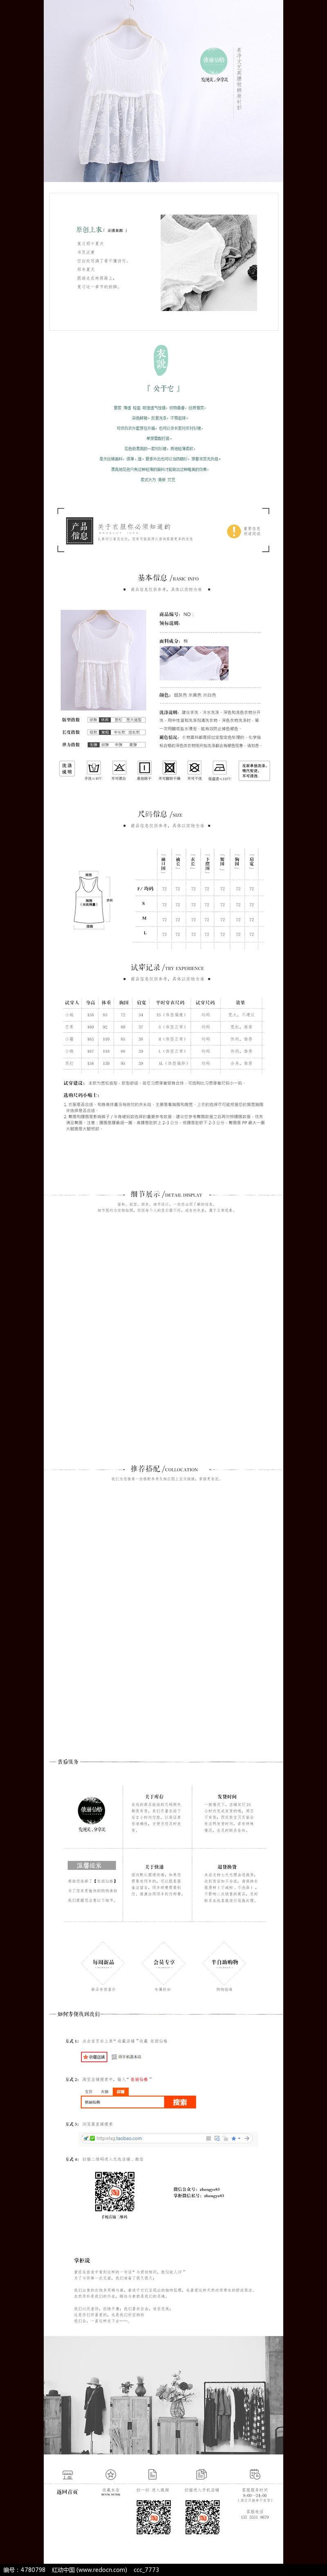 淘宝天猫文艺女装森系小清新女装详情页模板图片